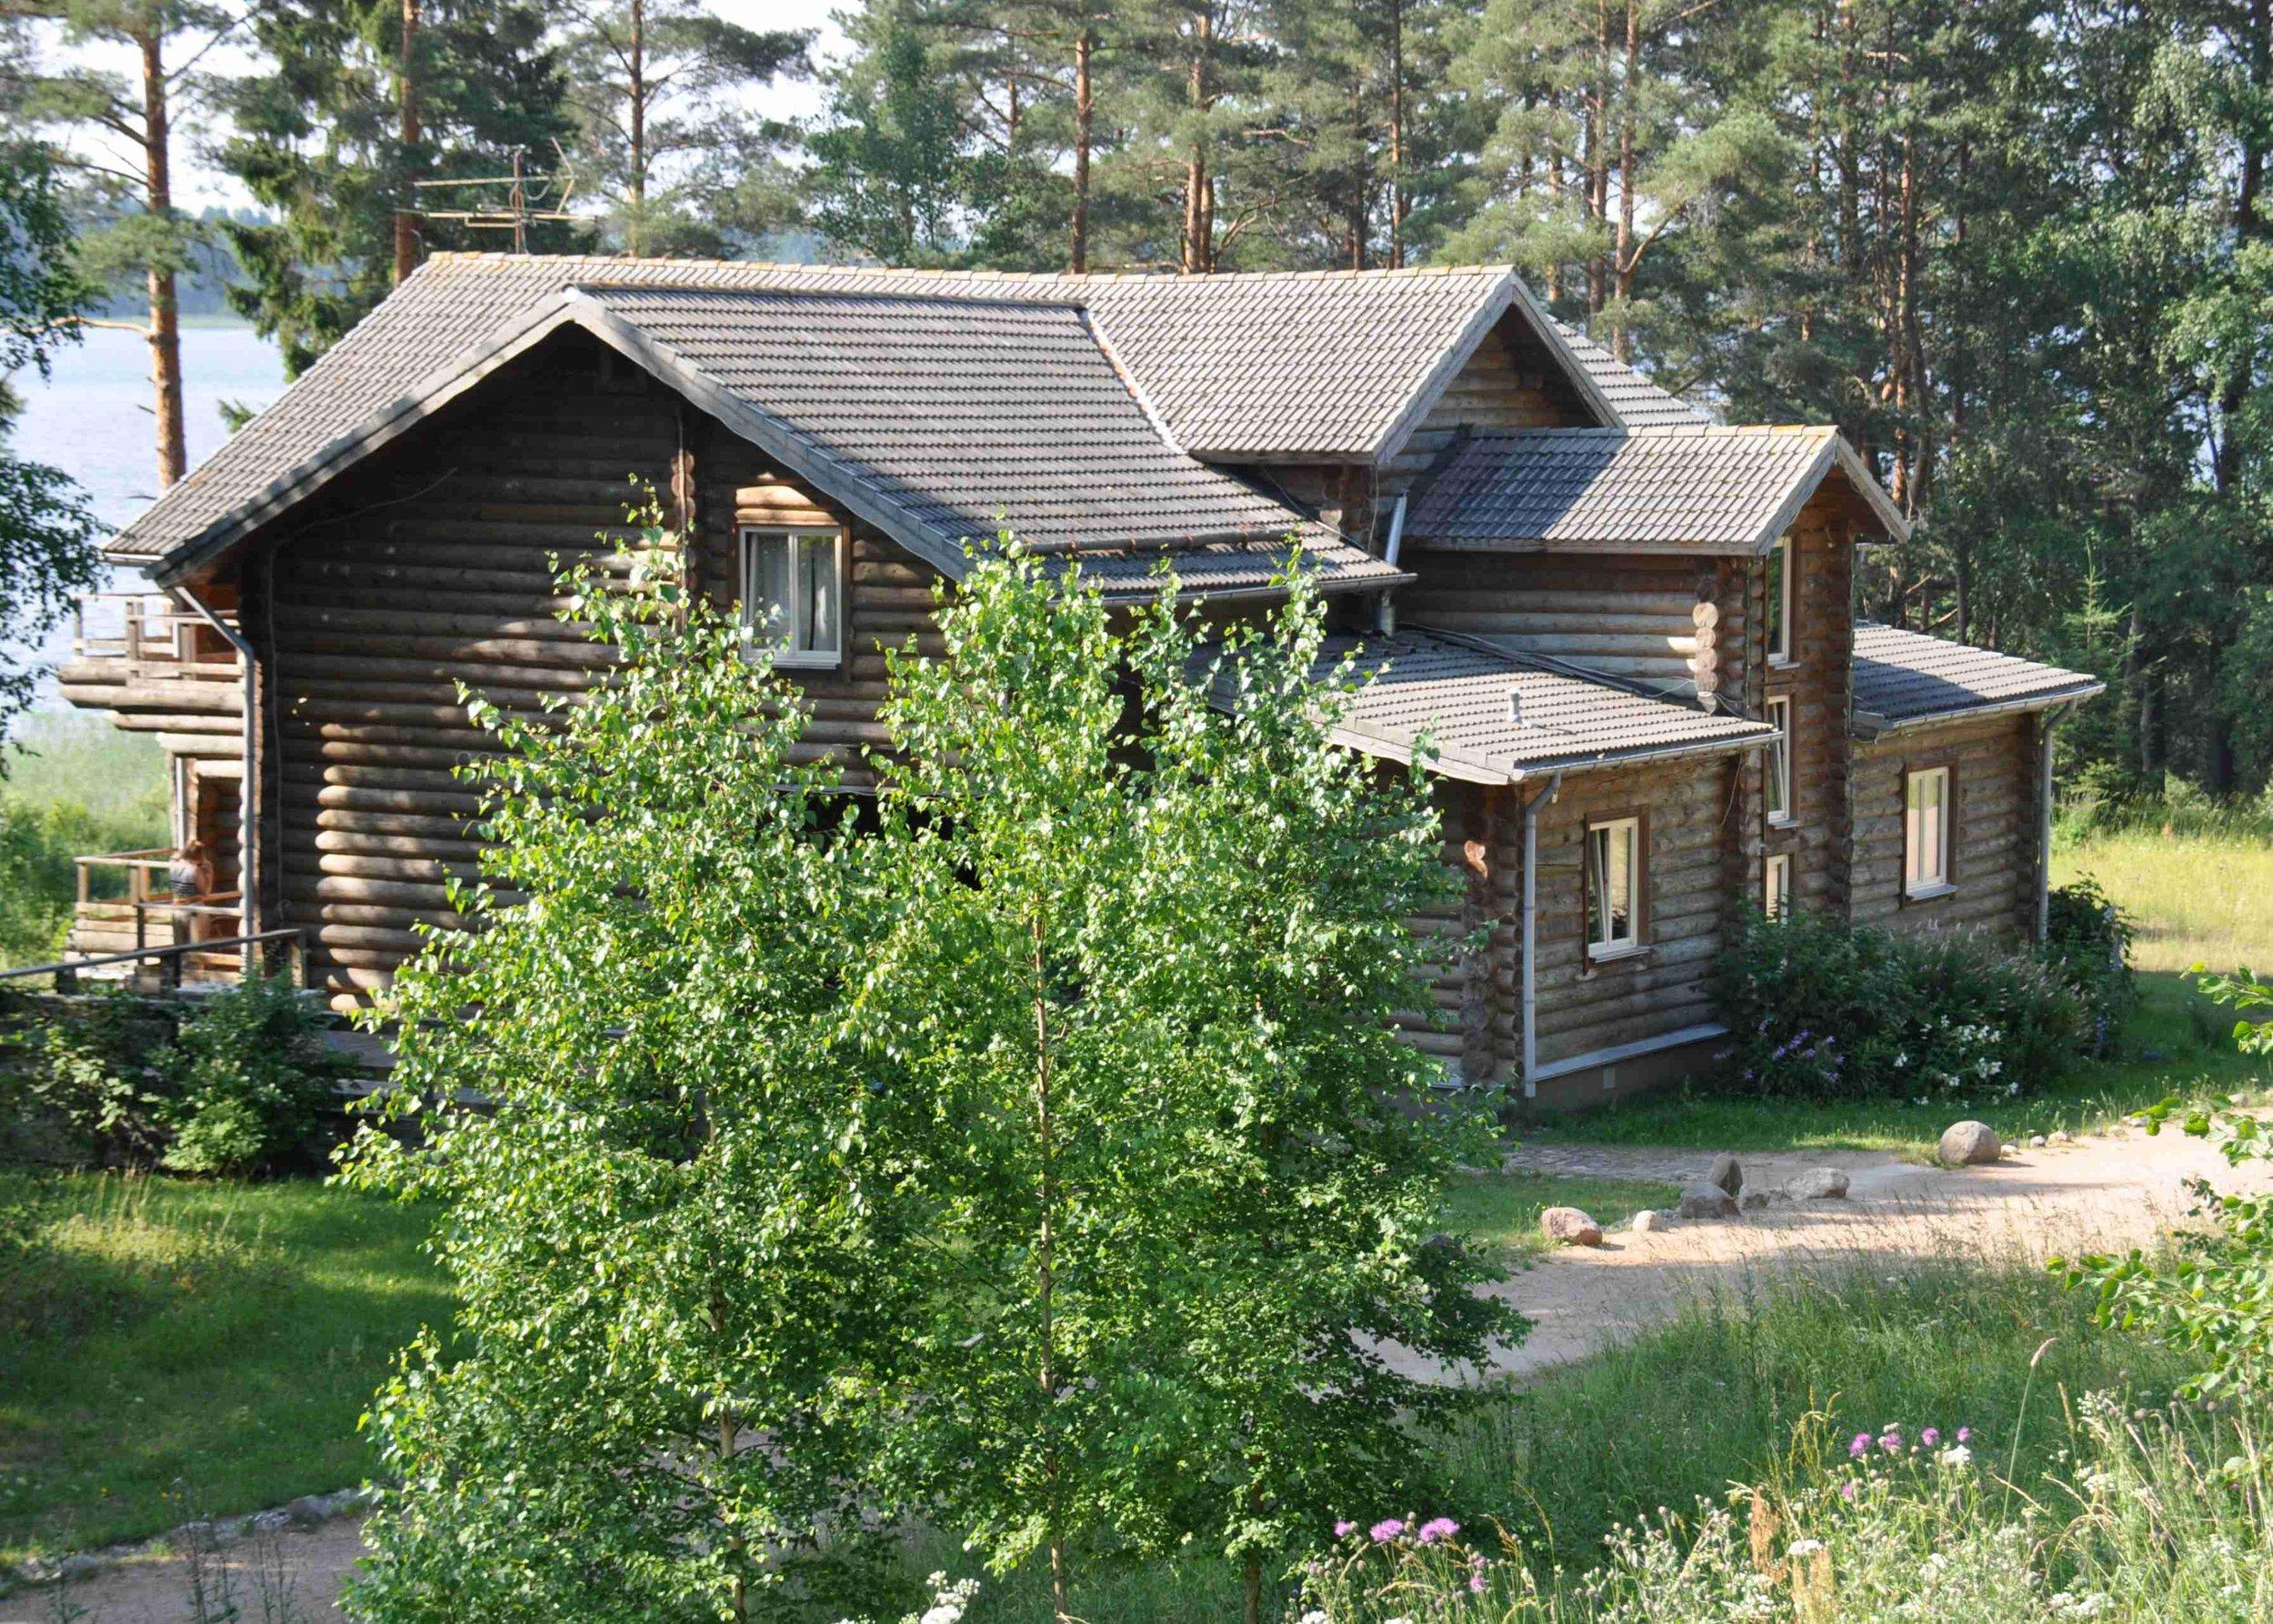 деревянный-дом-срубленный-из-бревен-в-загородном-отеле-на-озере.jpg